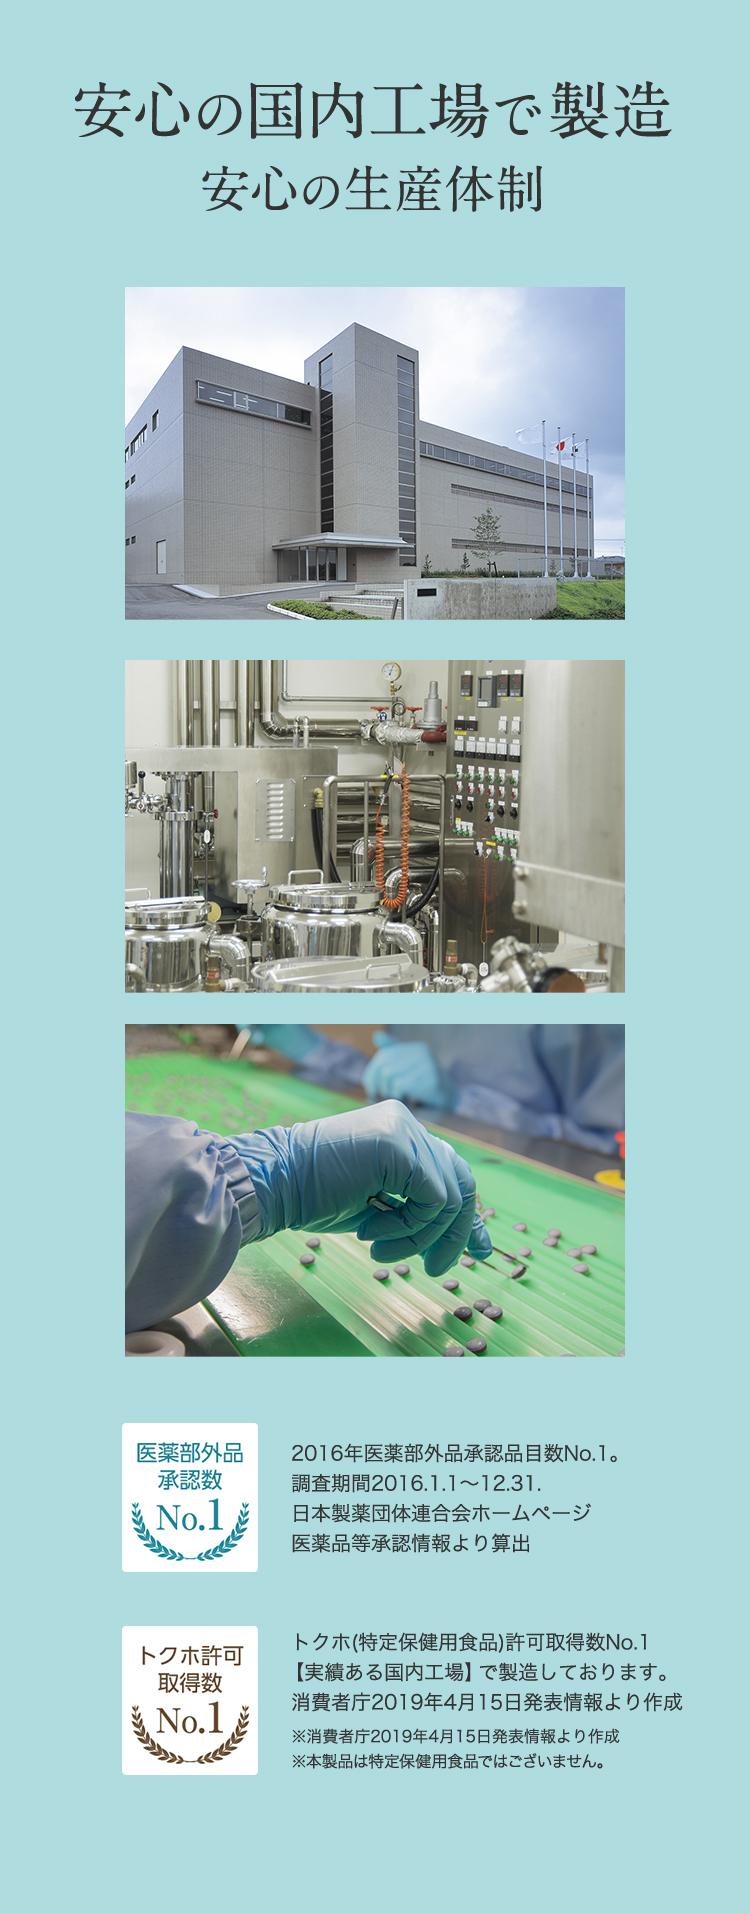 安心の工場案内で製造 安心の生産体制